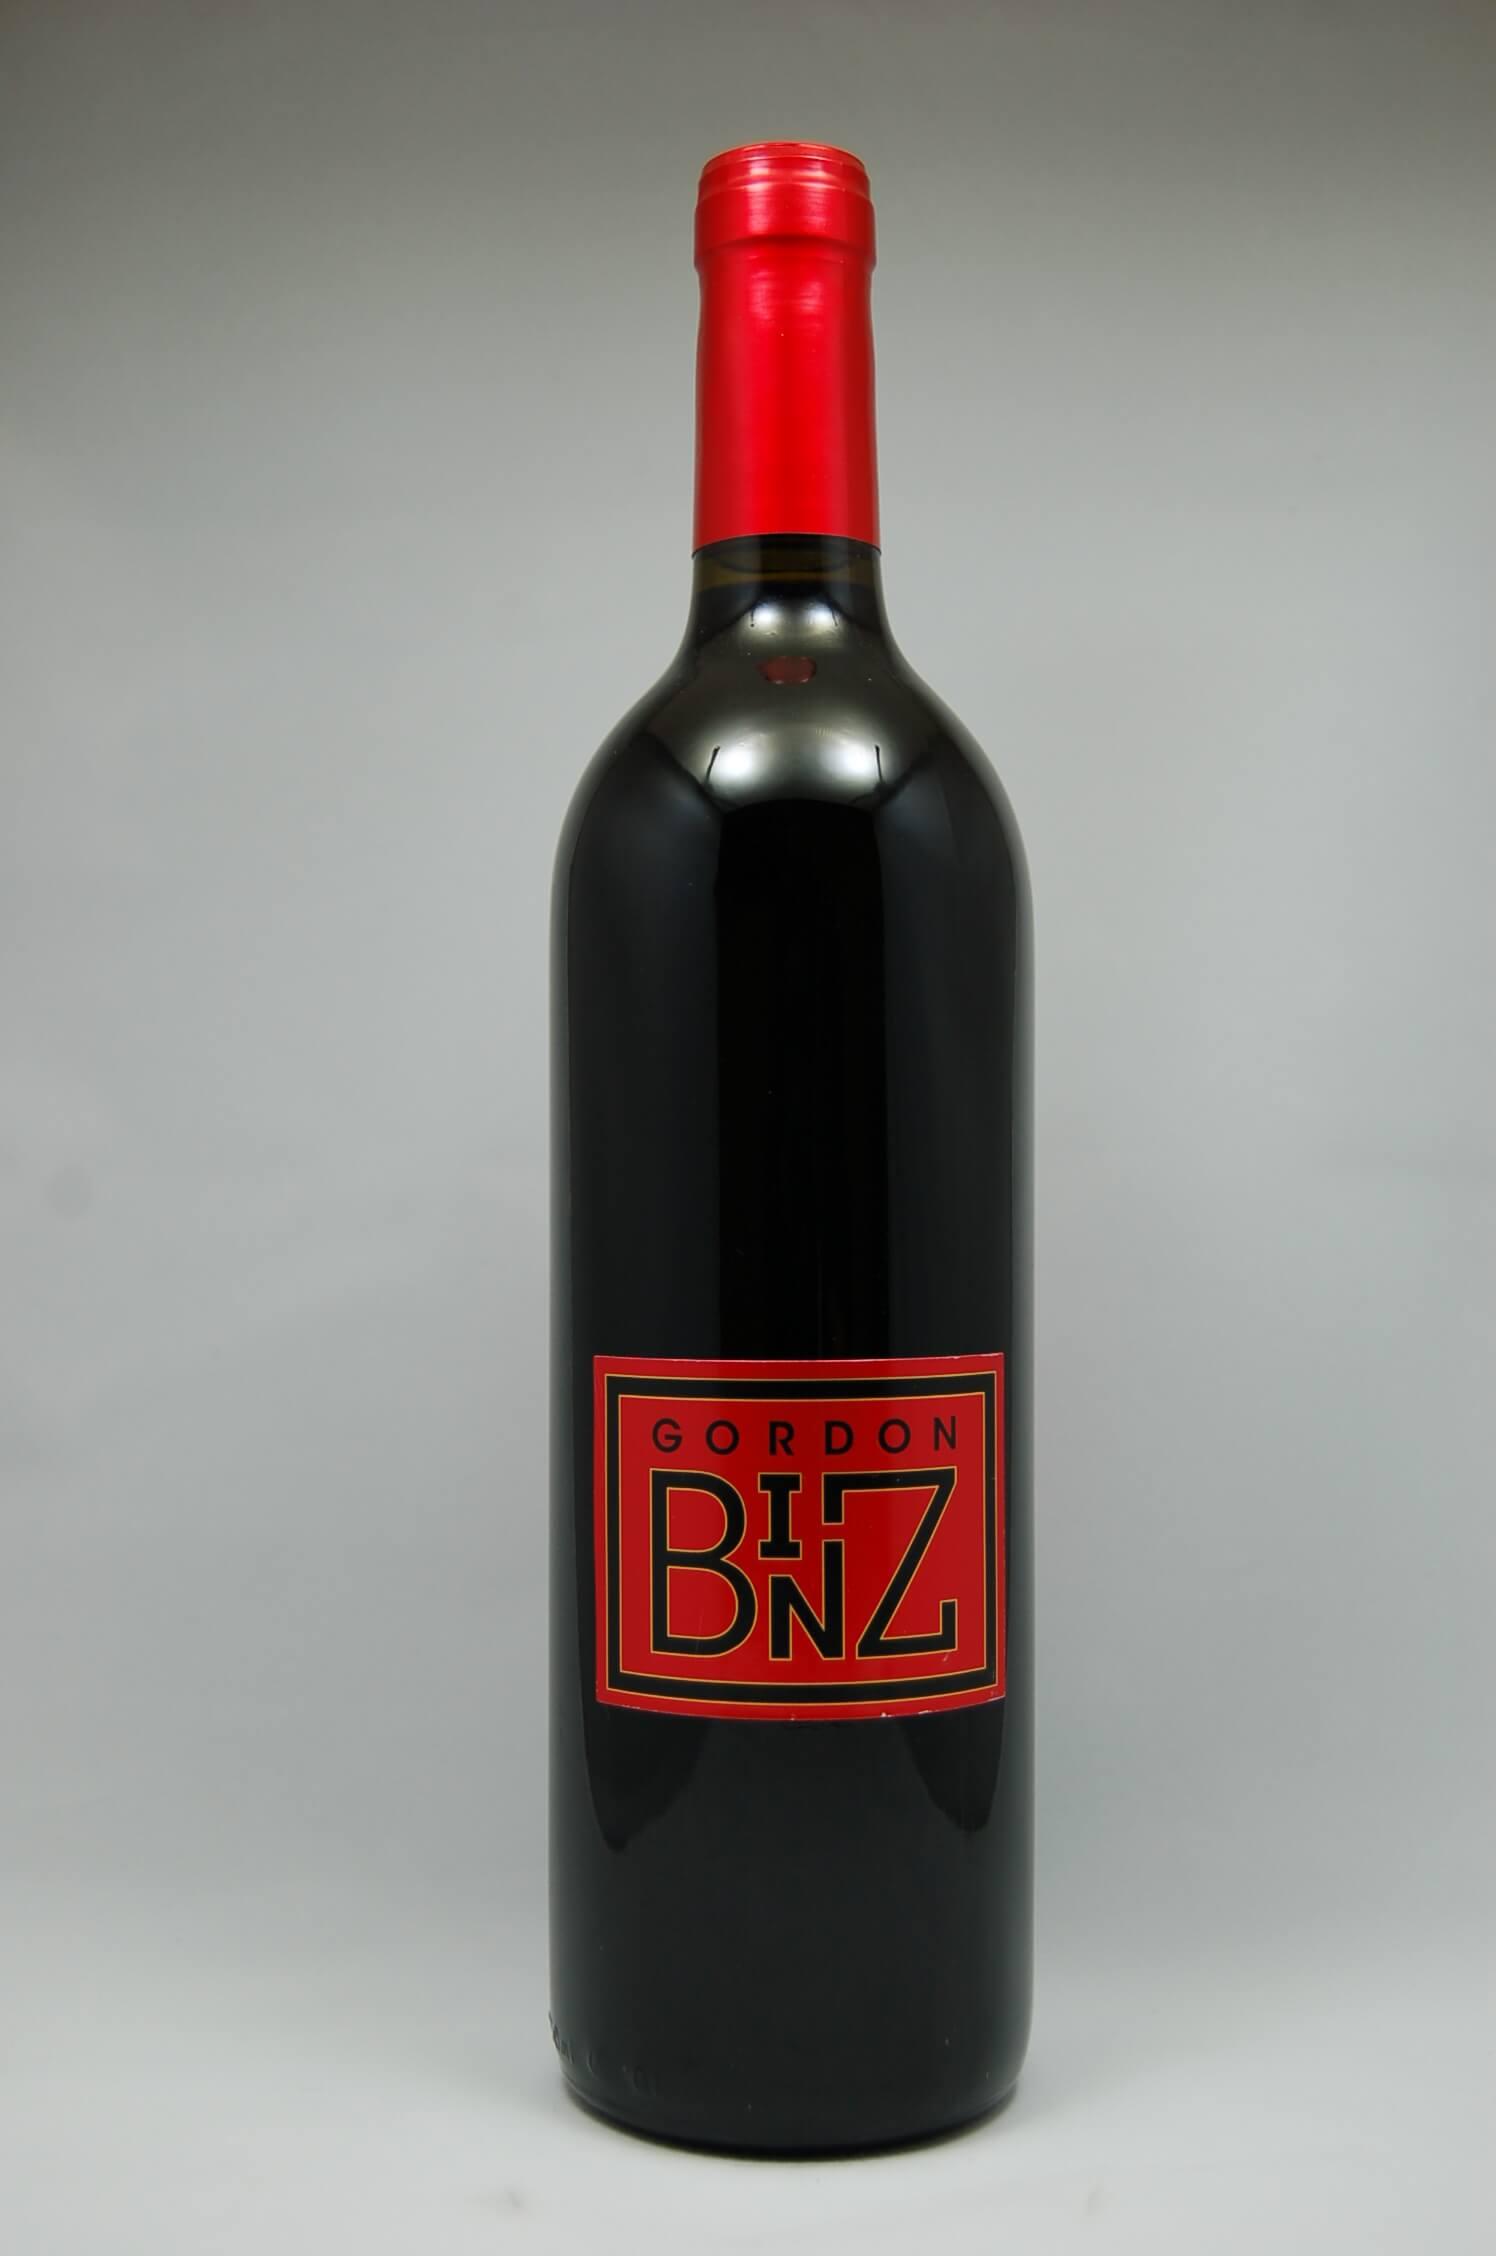 Binz Zinfandel Original Grandpere Vineyard 2006